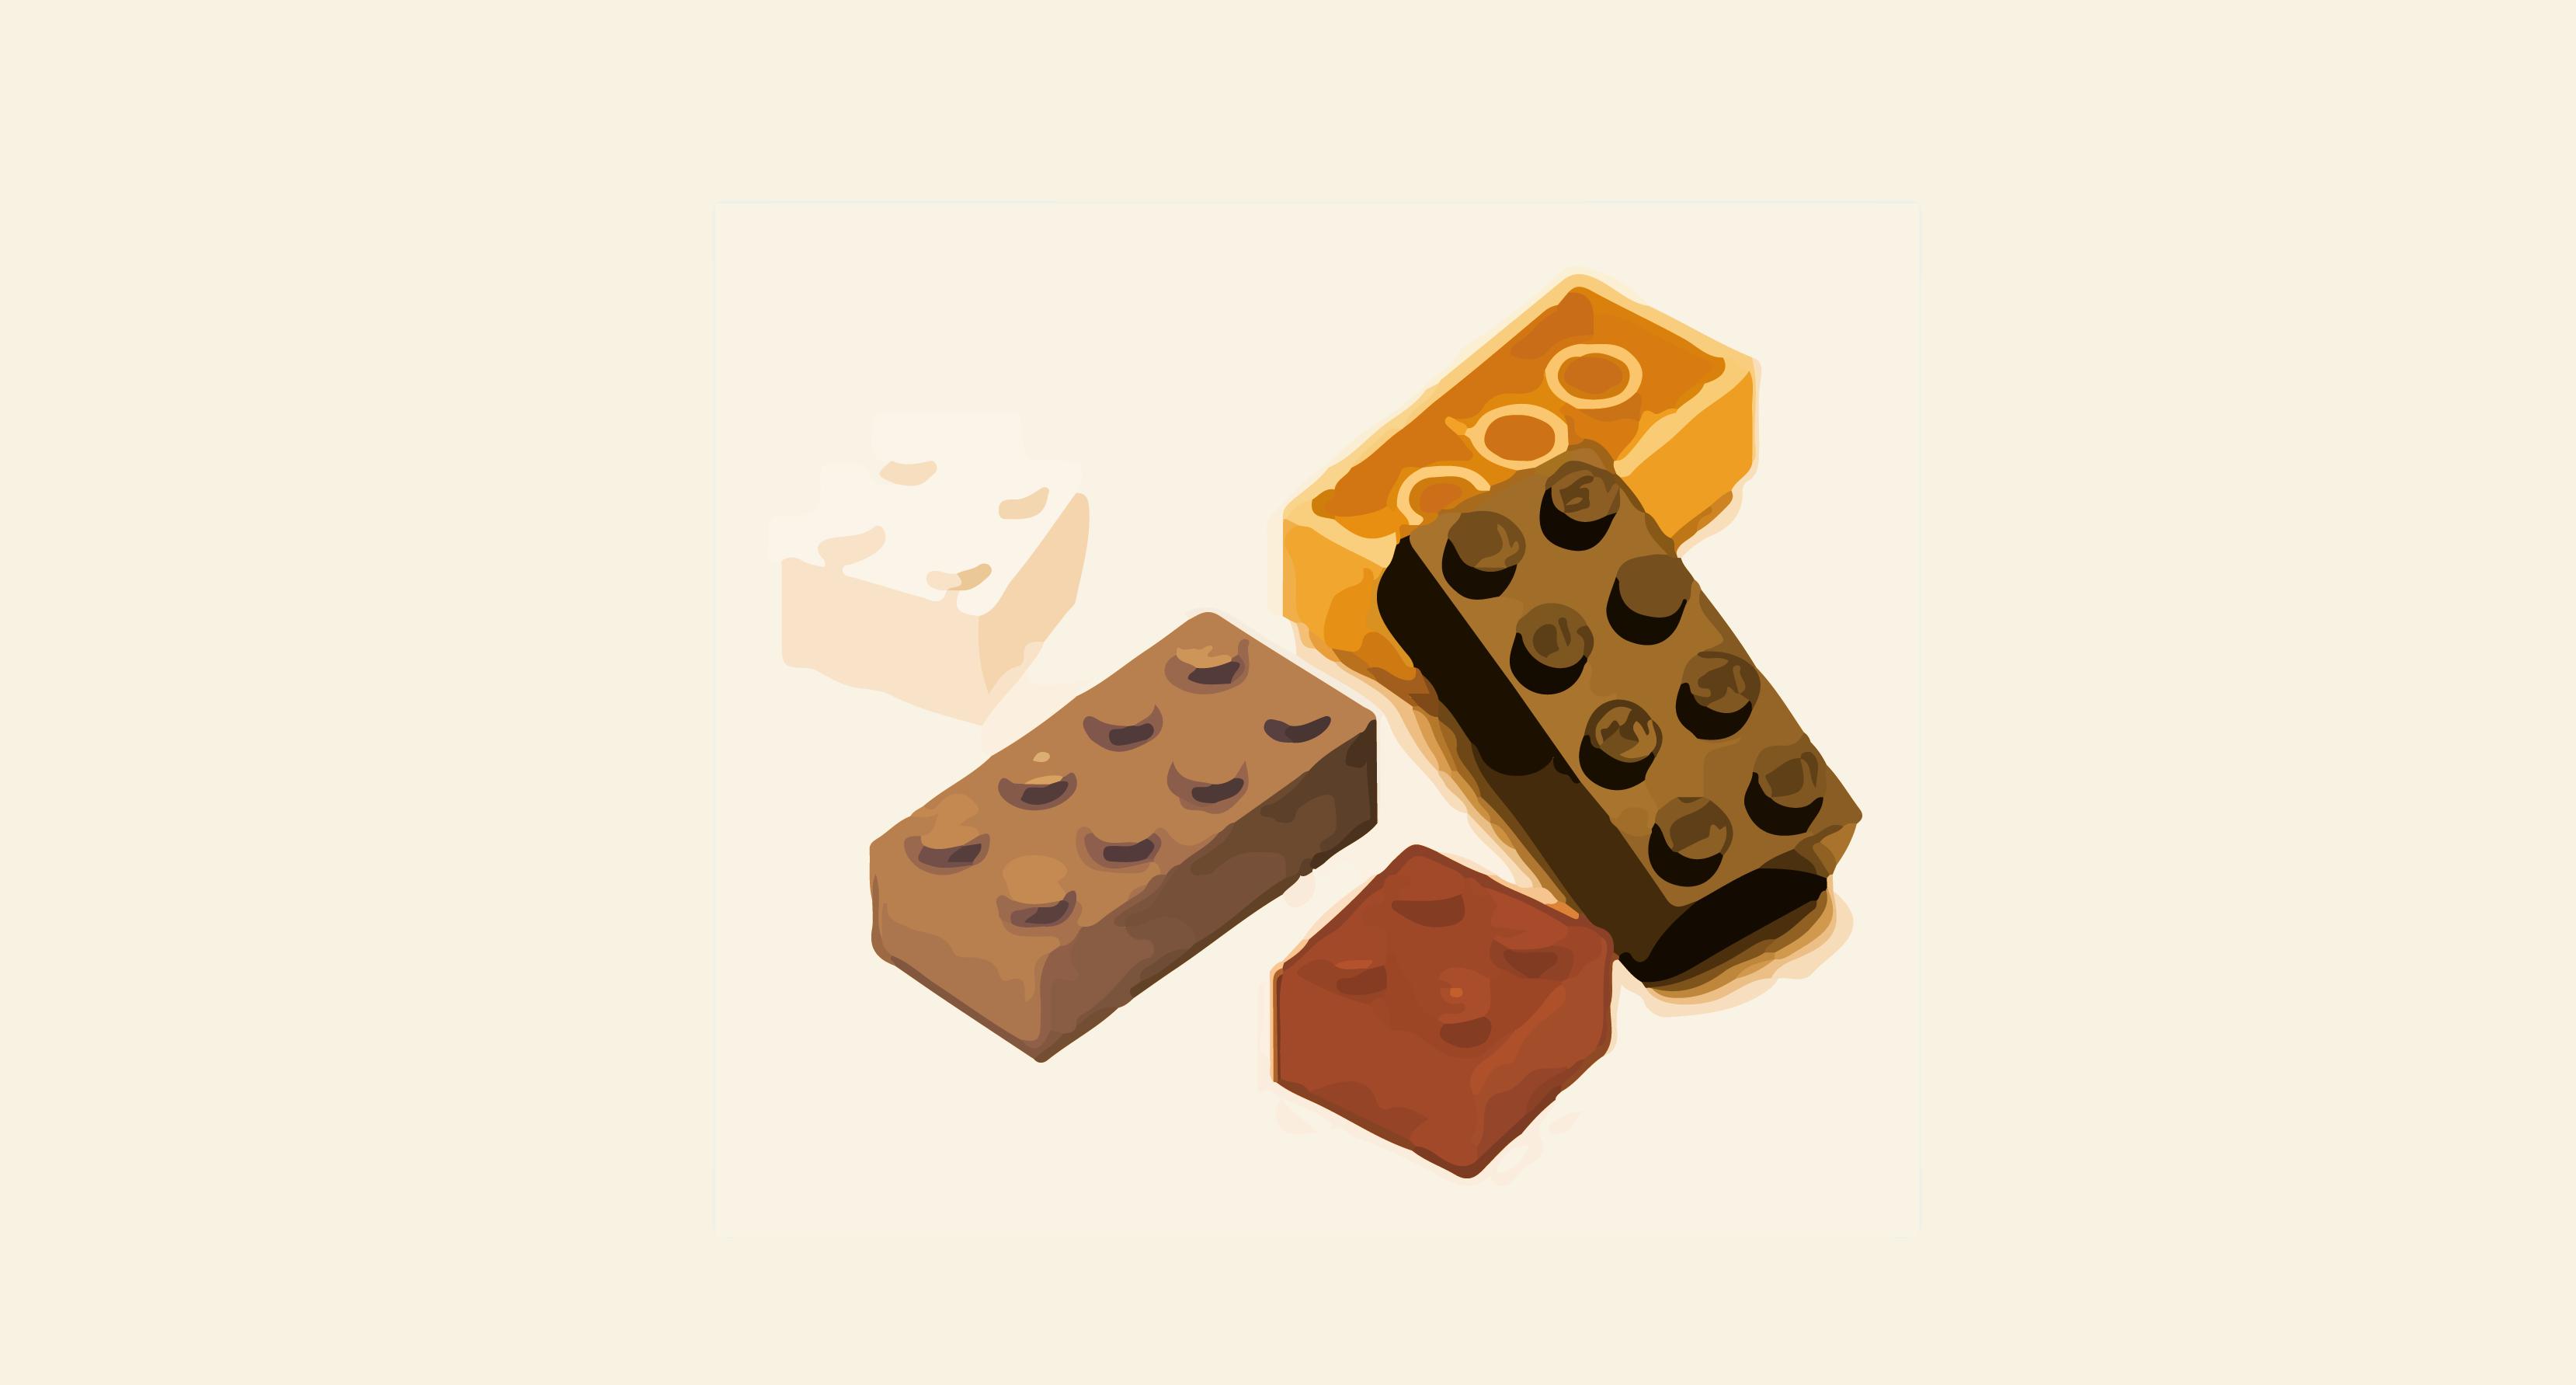 Lego klodser der ligger loest